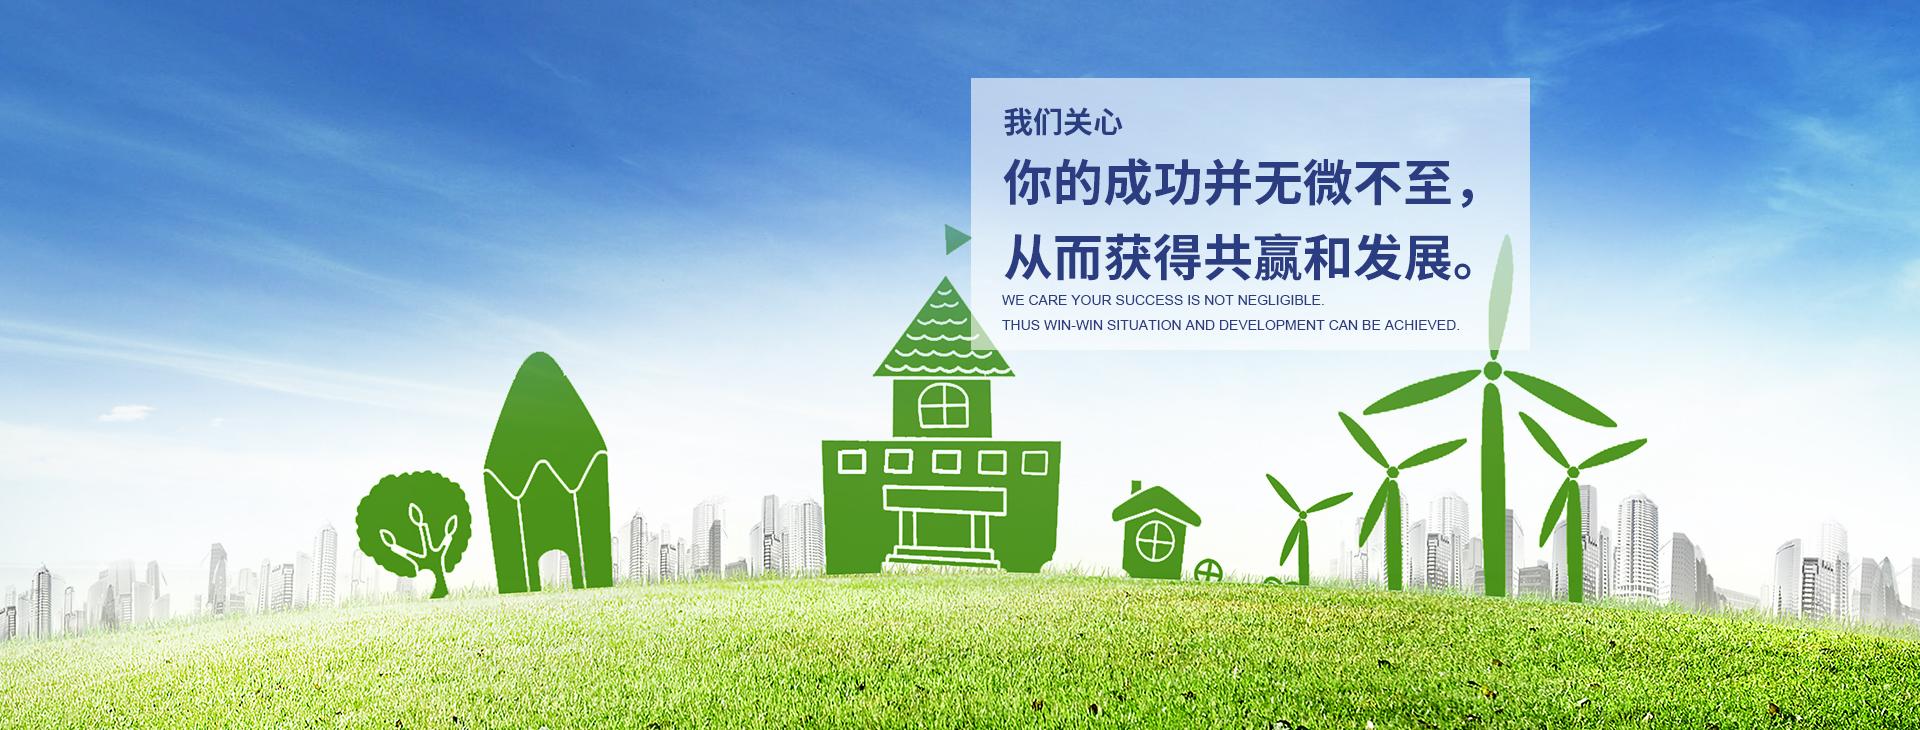 武漢市拜樂衛生科技有限公司